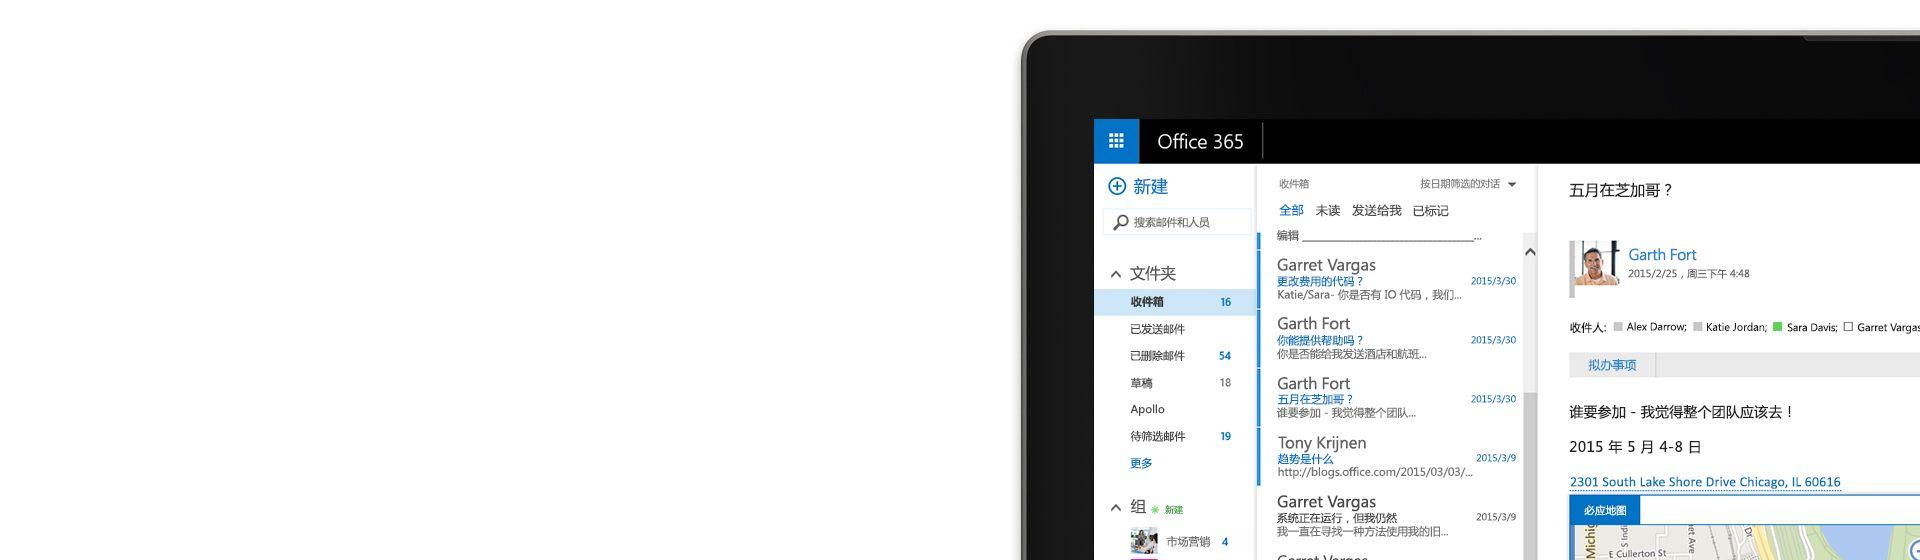 计算机屏幕的一角,显示 Office 365 中的电子邮件收件箱